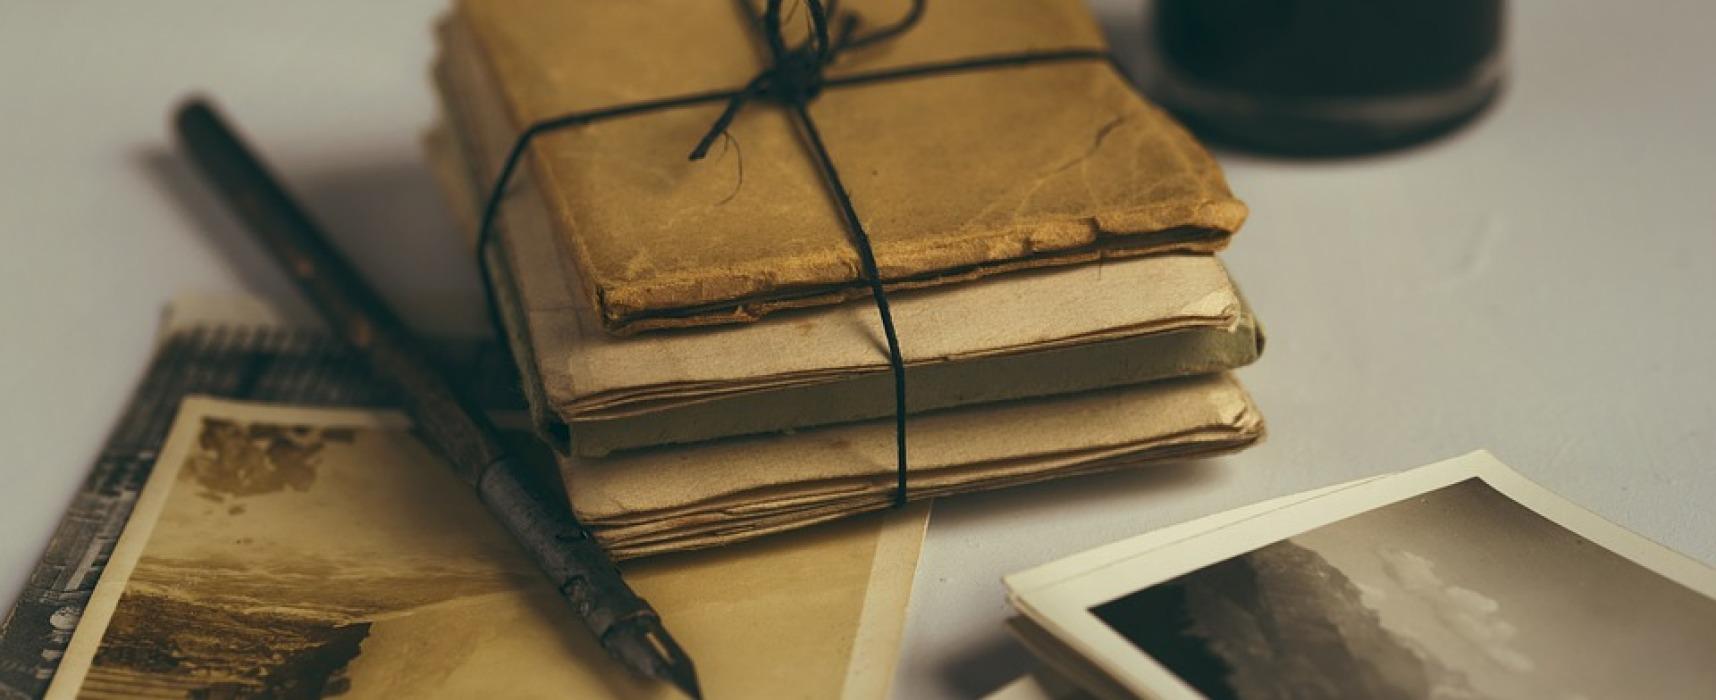 Altı sözcüklük hikâyeler